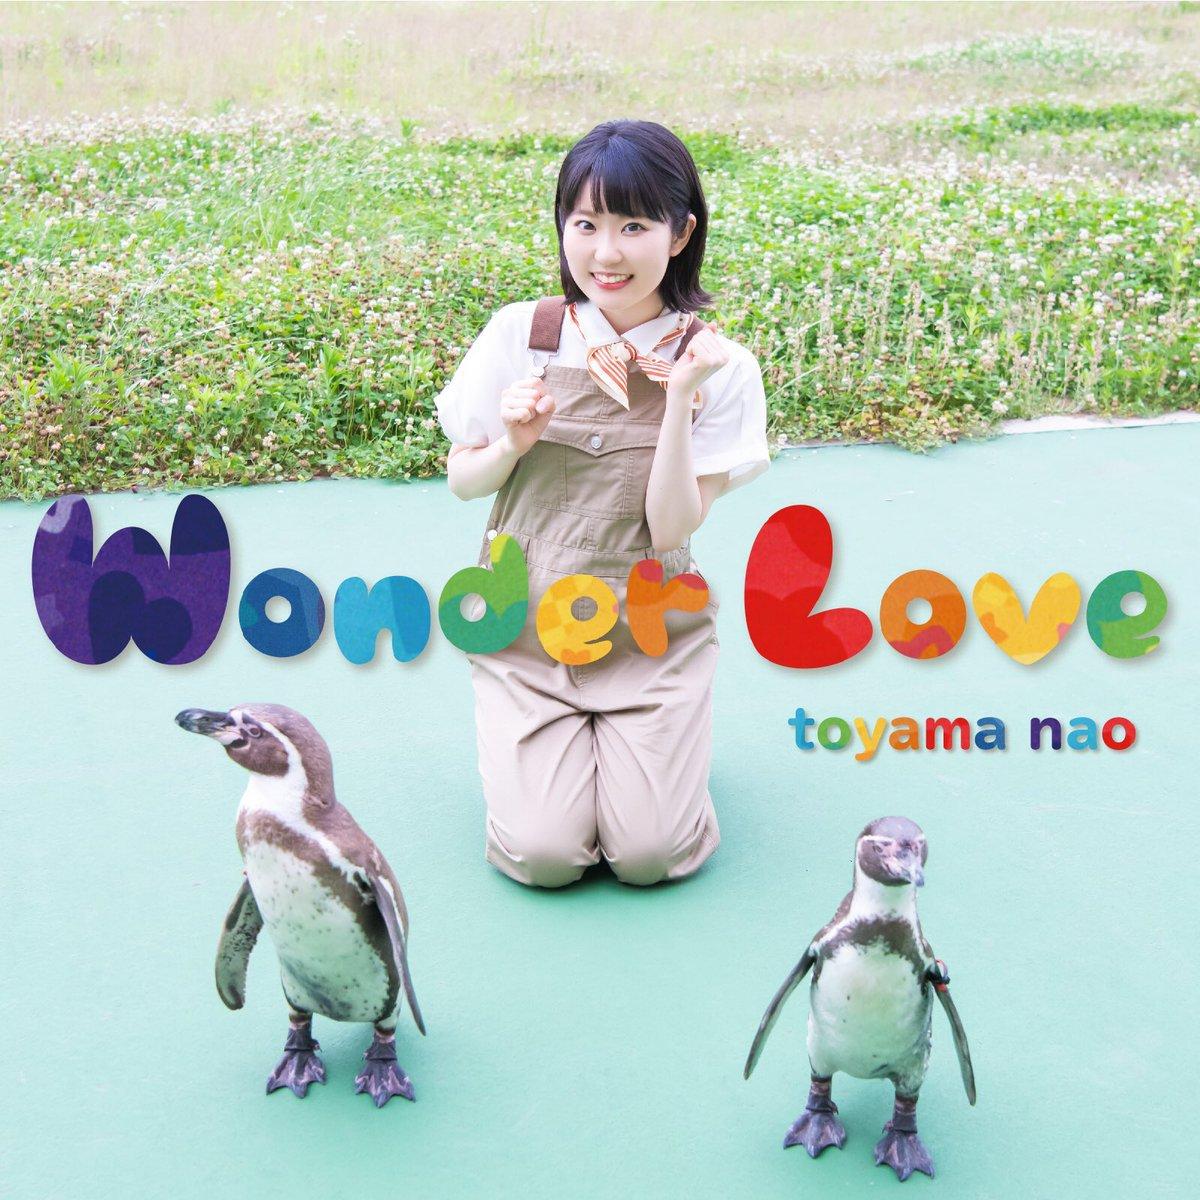 【本日より!】私の最新楽曲「Wonder Love」配信スタートしました!ダウンロード・再生はこちらから可能です✨🐧作曲を北川勝利さん、作詞を東山奈央で制作させていただきました!ペンギンっぽいキーワード、探してみて下さいねっ😘!(東山奈央)